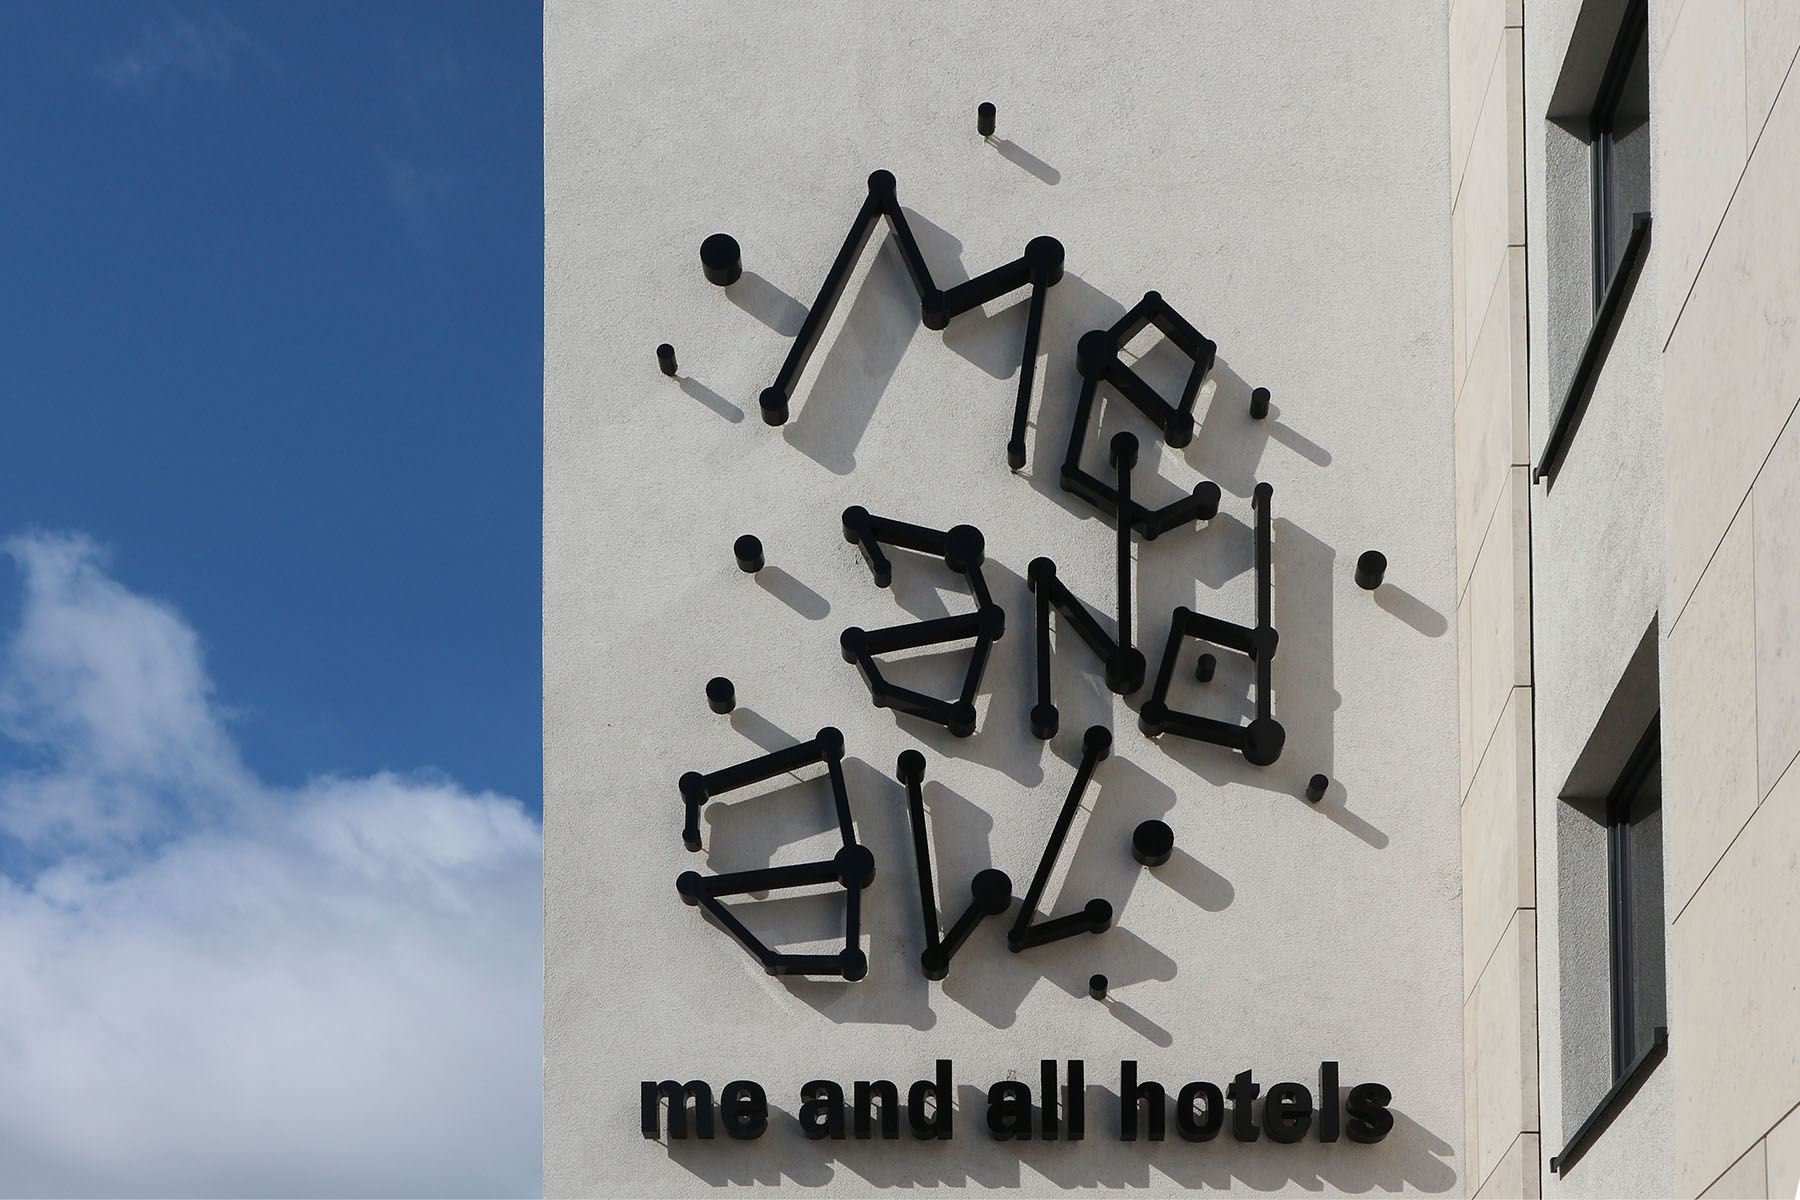 me and all hotels Düsseldorf. Wir haben im me and all-hotels Düsseldorf übernachtet, das uns eingeladen hatte.